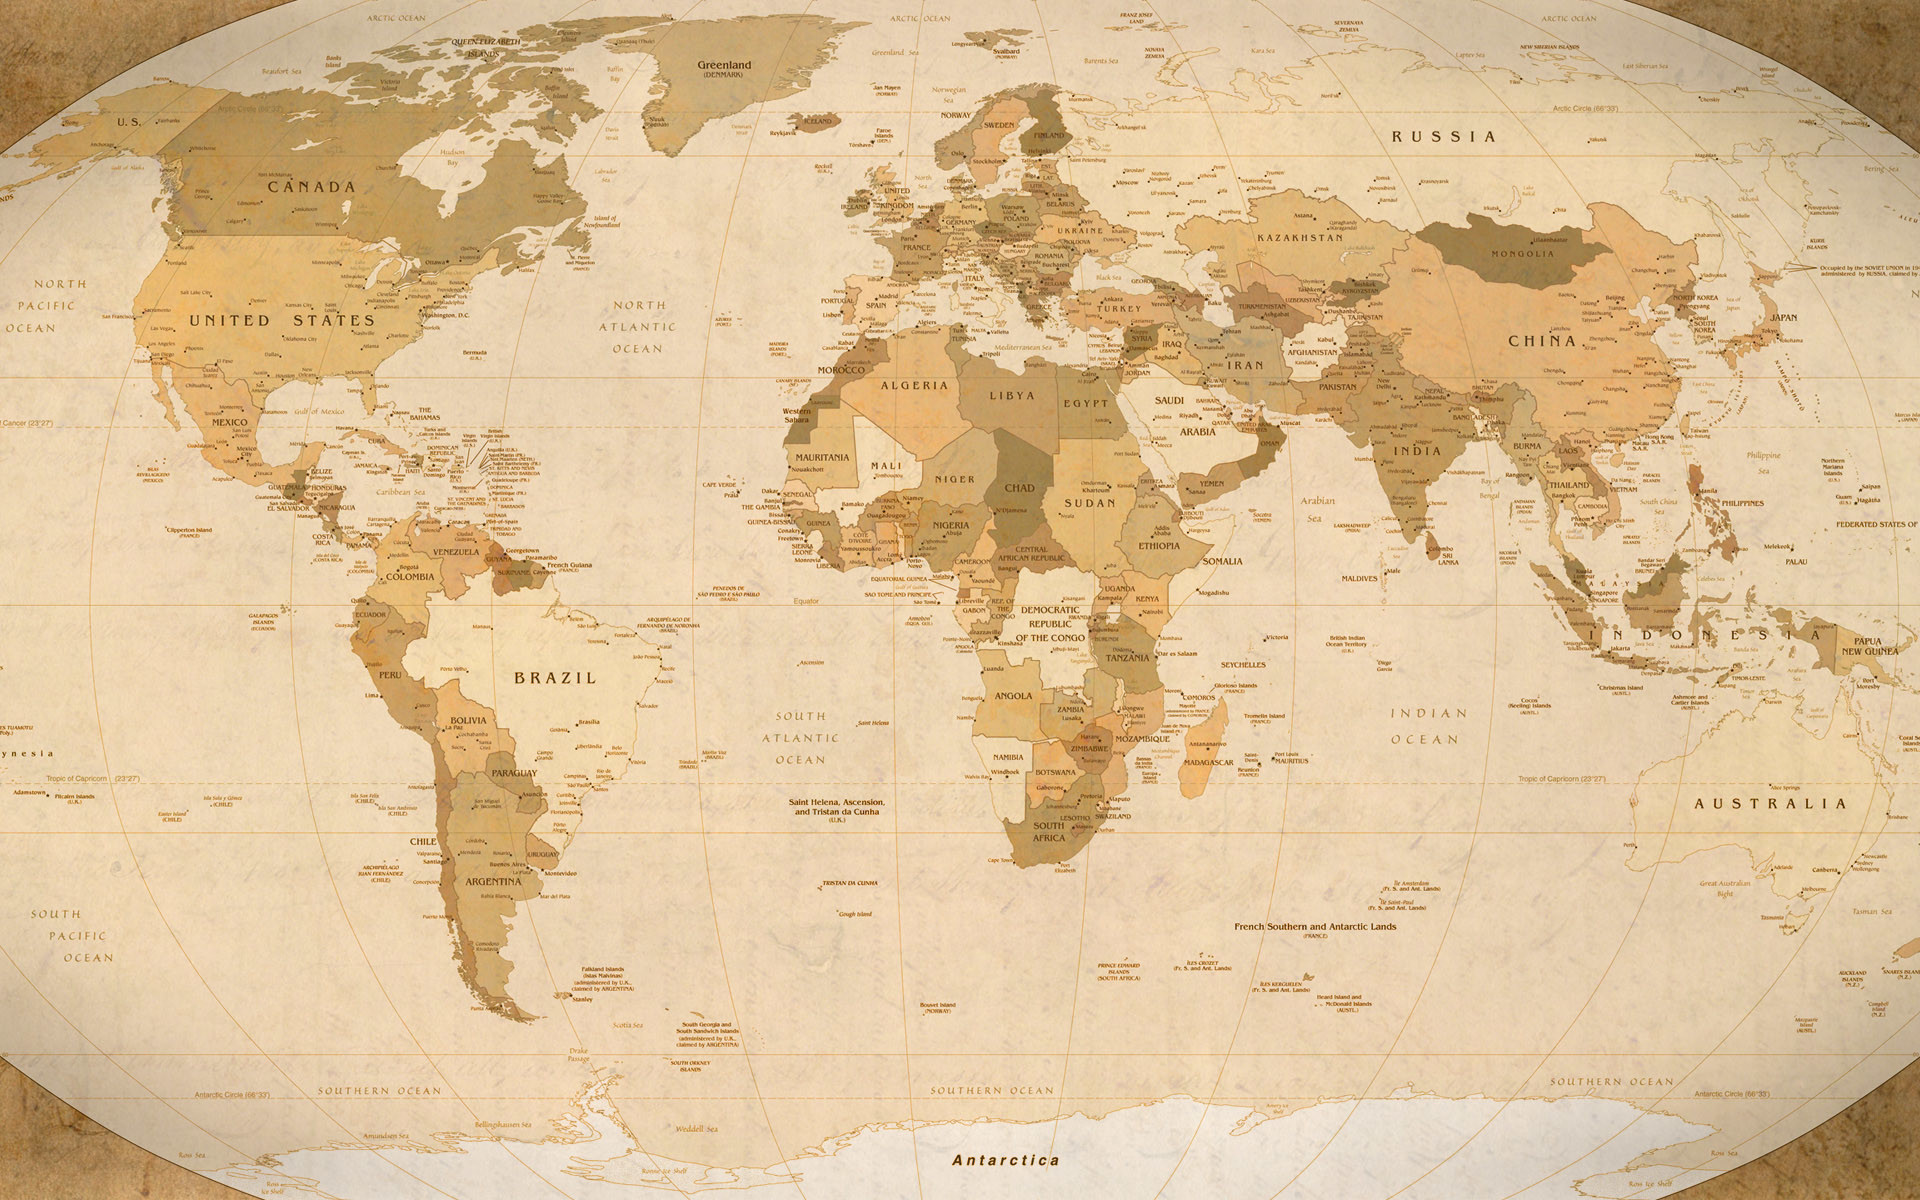 Africa Map Wallpaper ① - World map ipad wallpaper